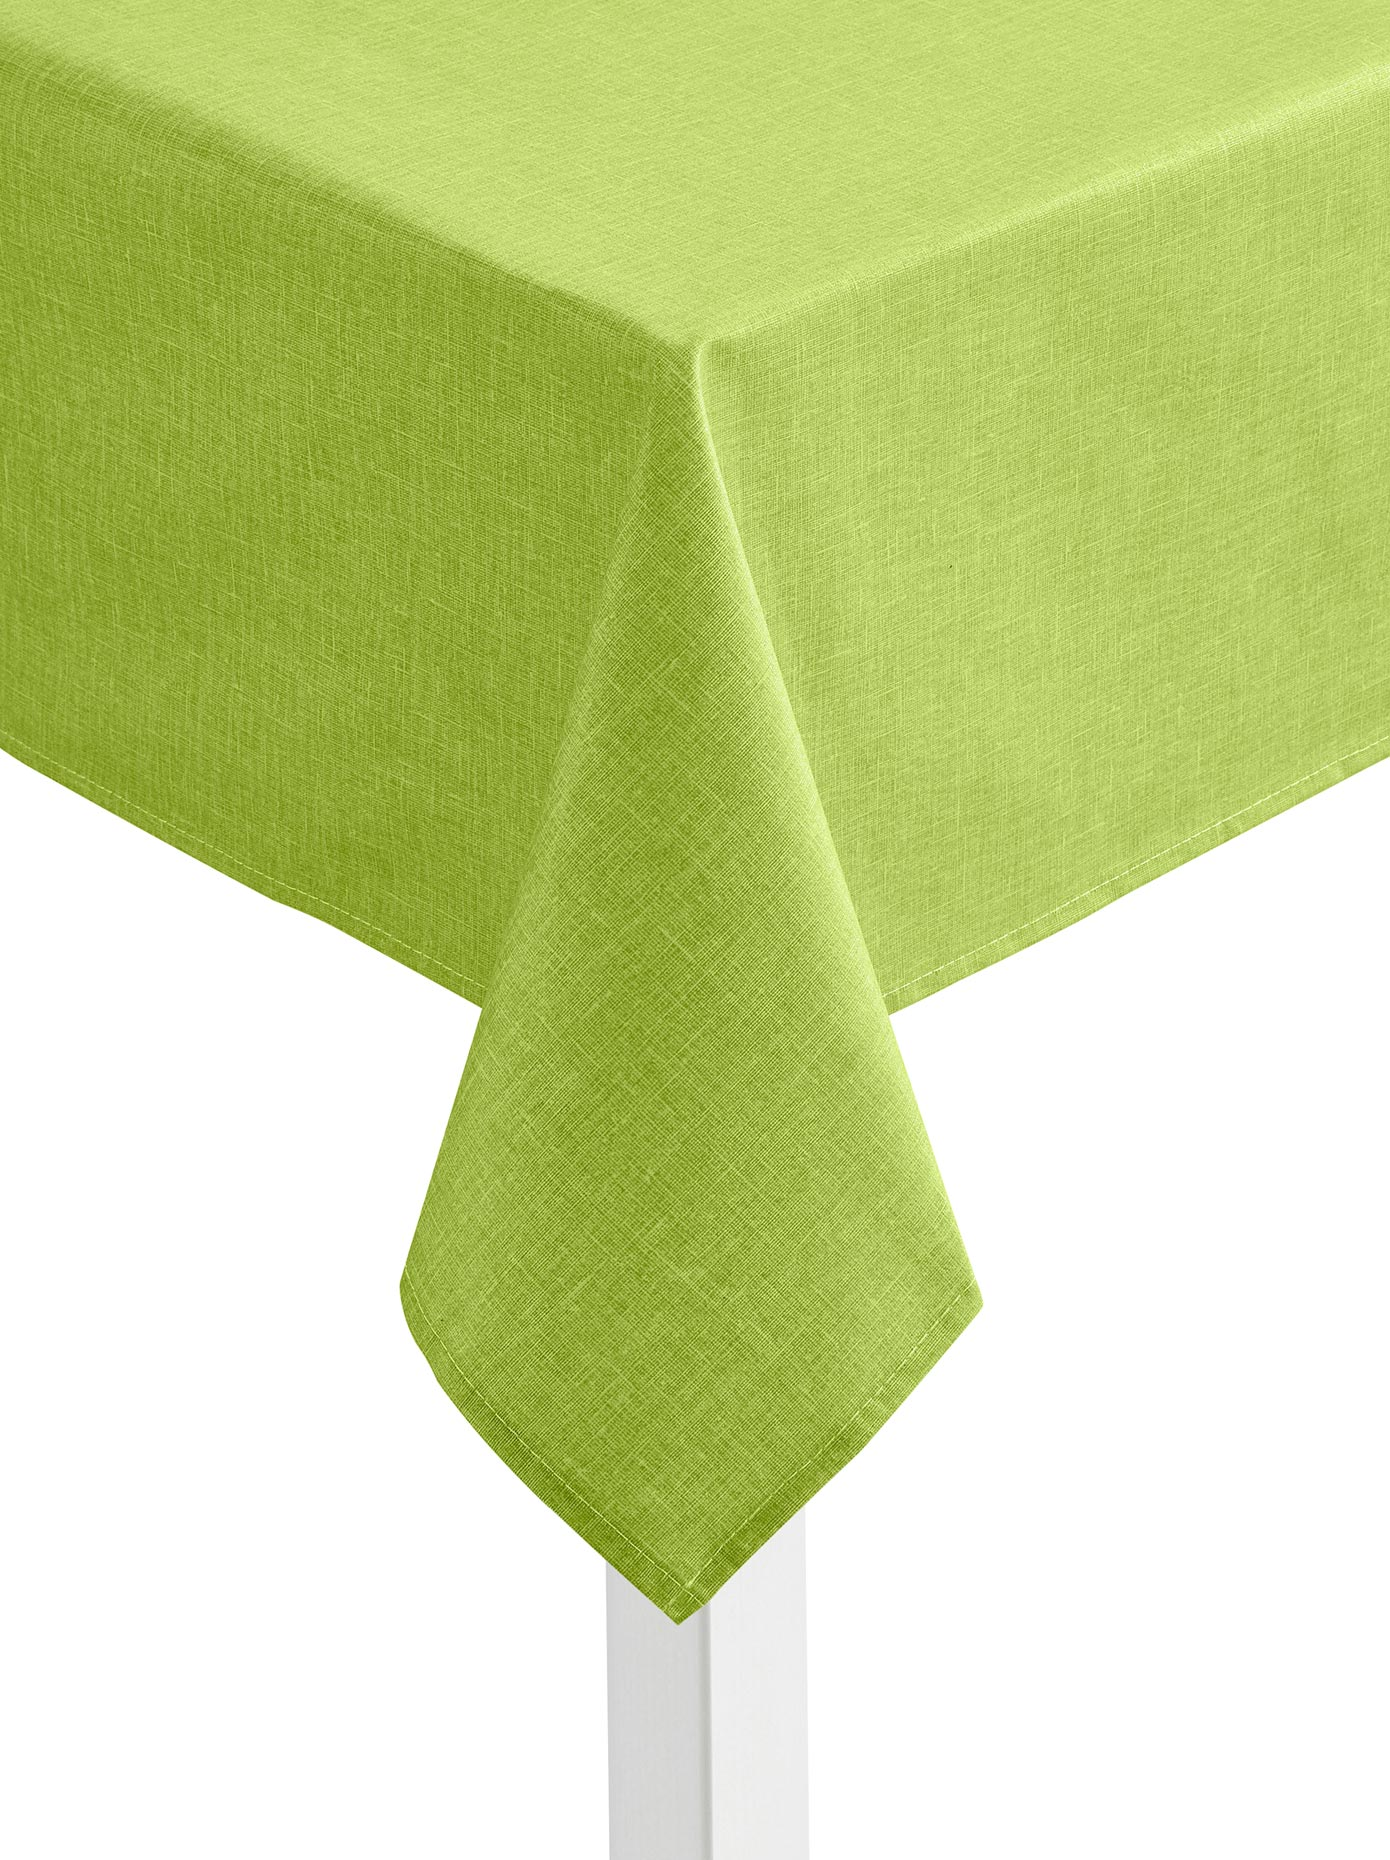 Tischdecke grün Tischdecken Tischwäsche